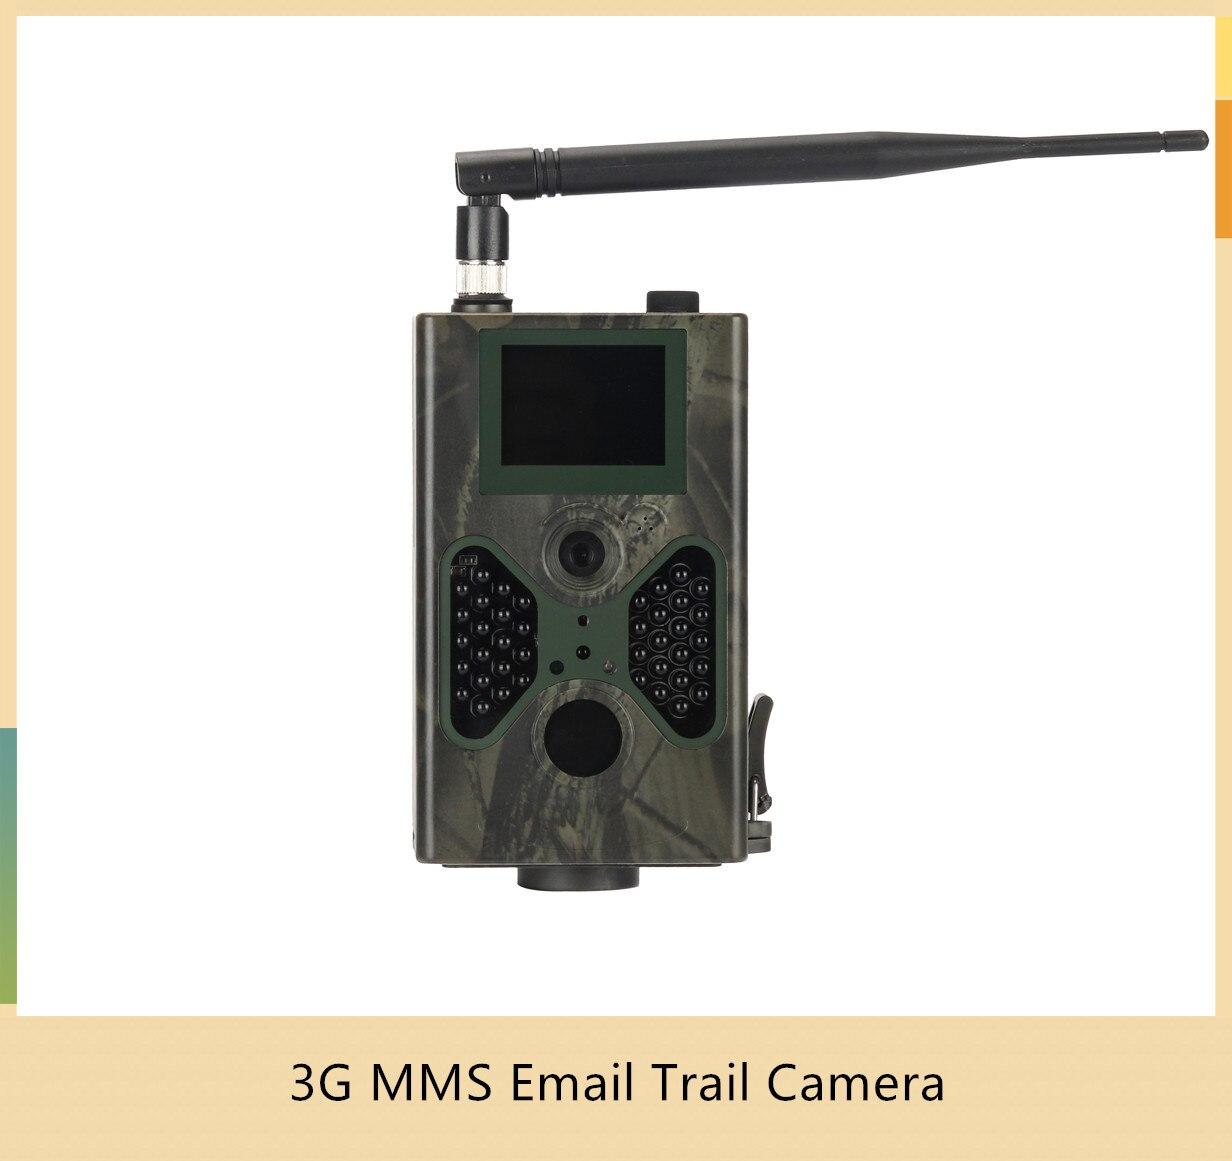 3G SMTP MMS Trail Camera HC330G 16MP Vida Selvagem Caça Câmera de Visão Noturna Sem Fio SMS Celular Móvel Selvagem Câmeras de Vigilância